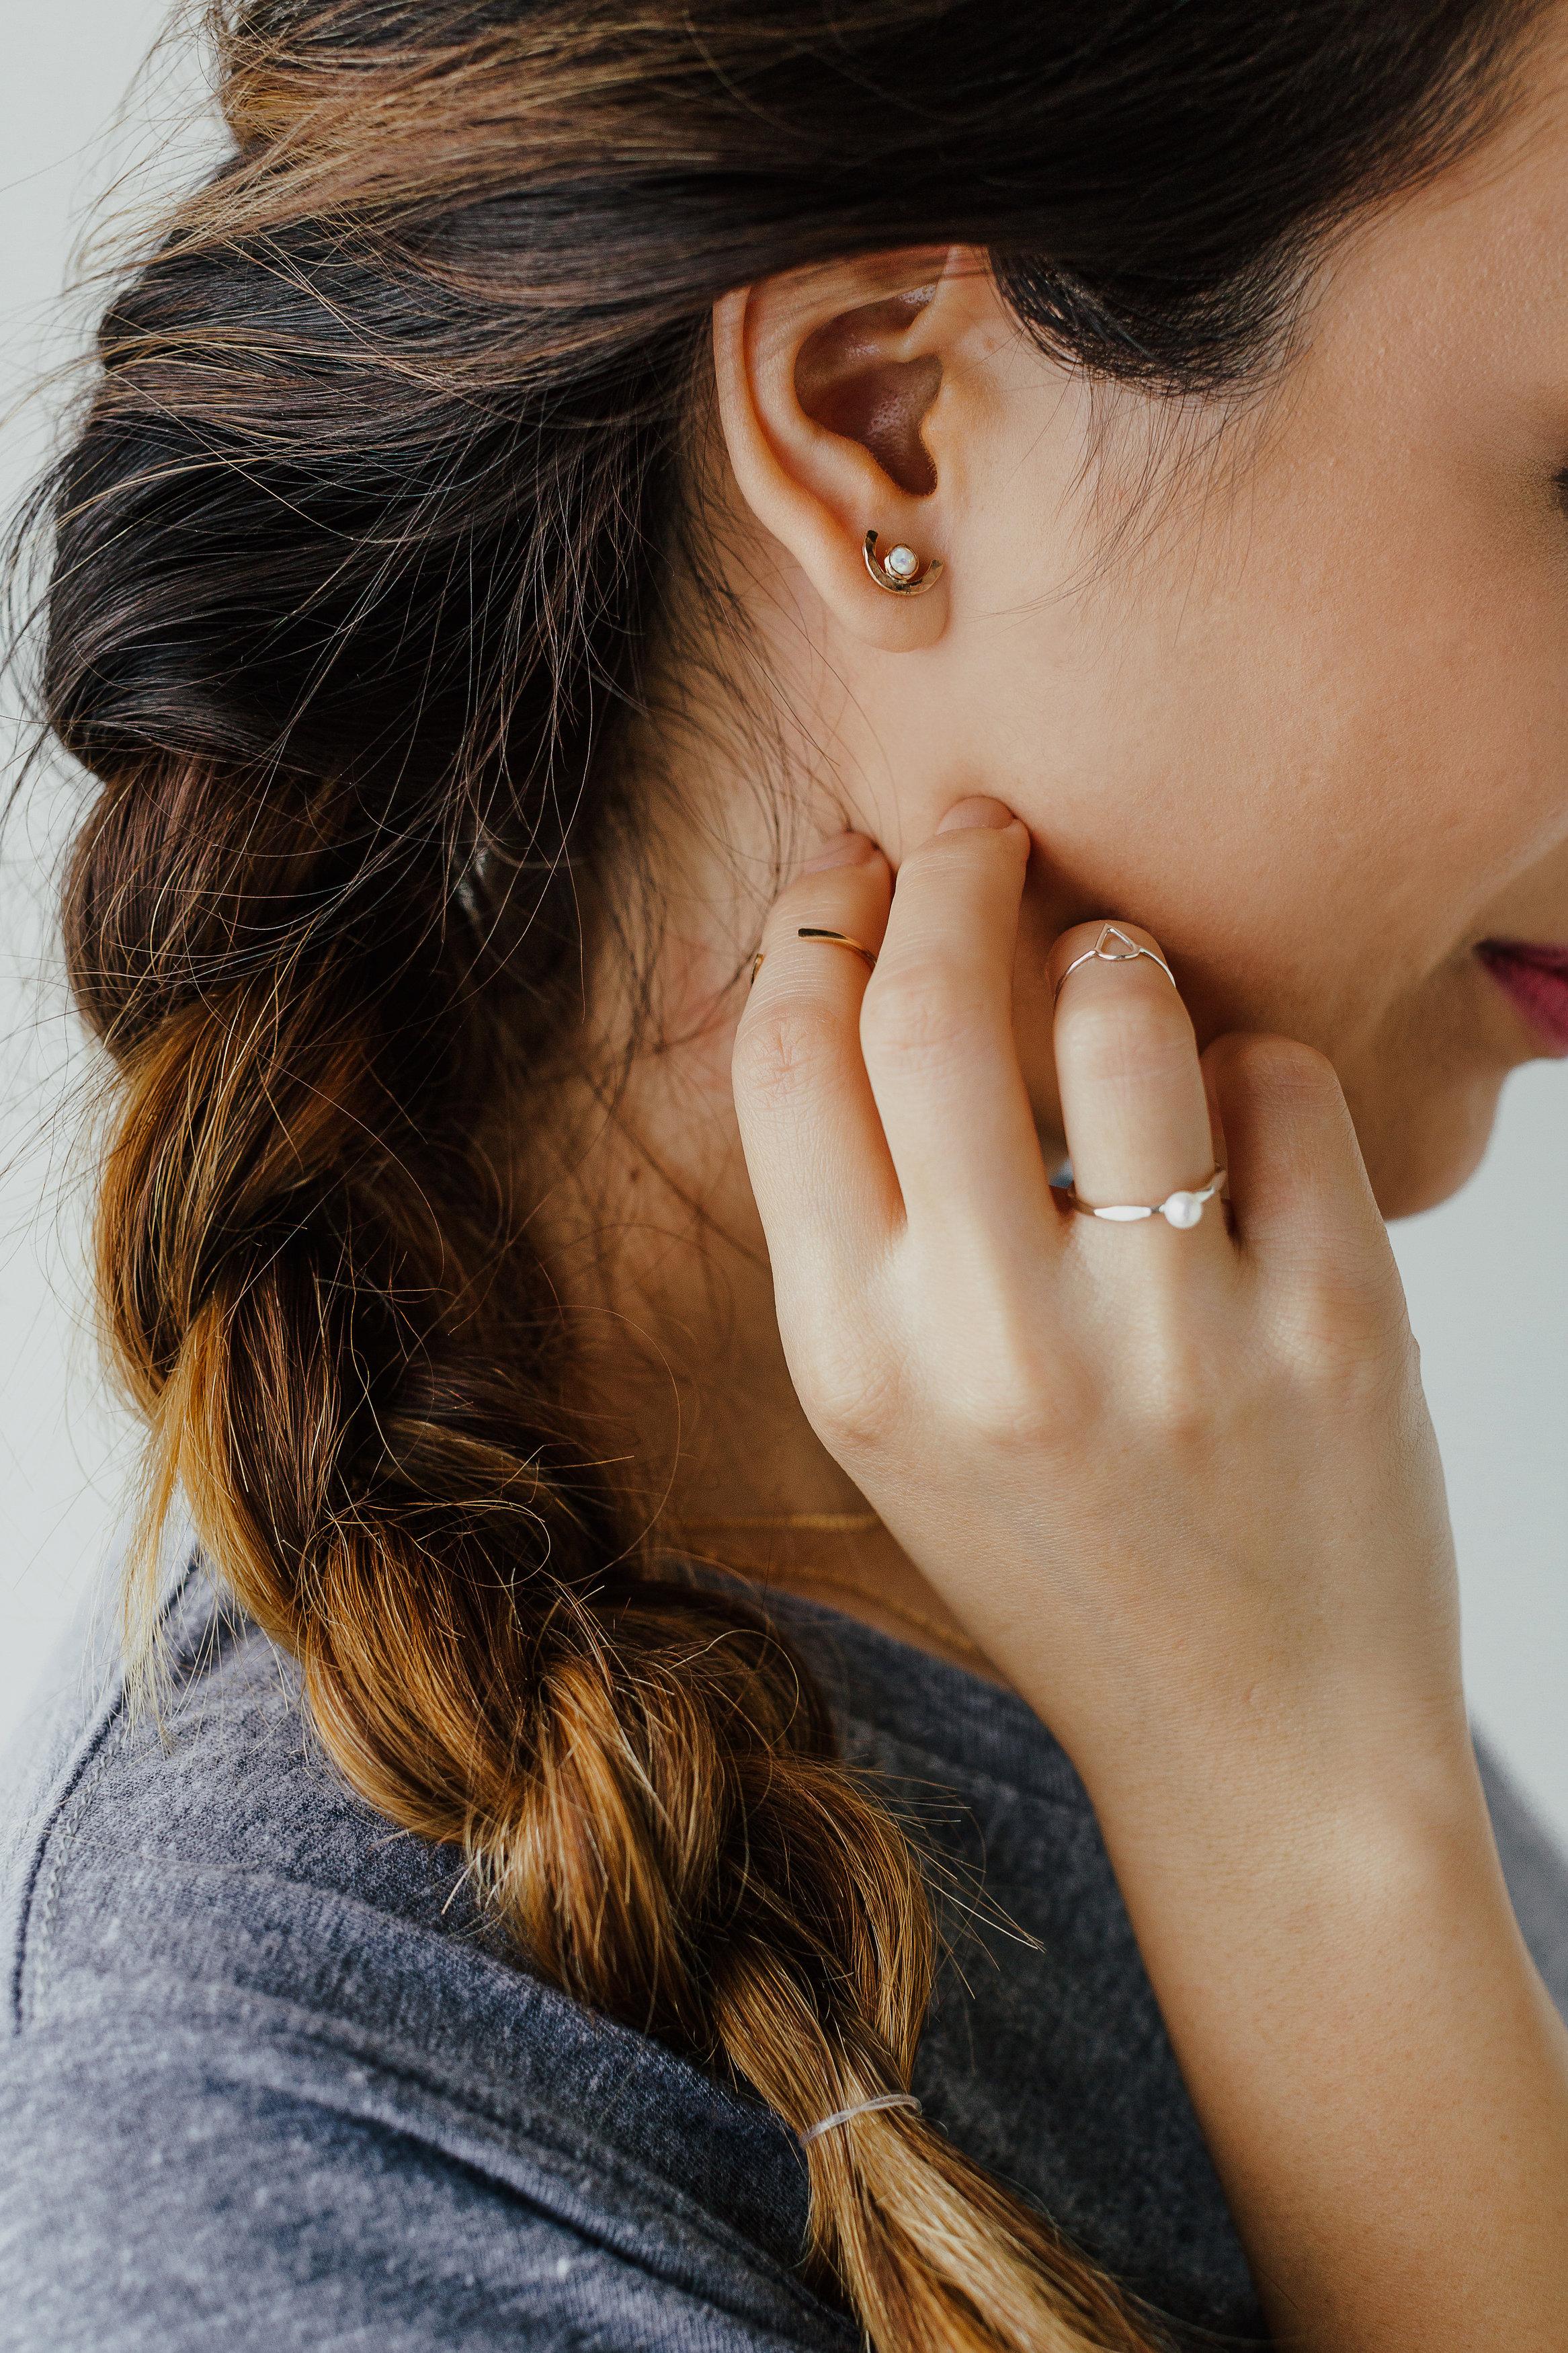 Delicate rings and earrings